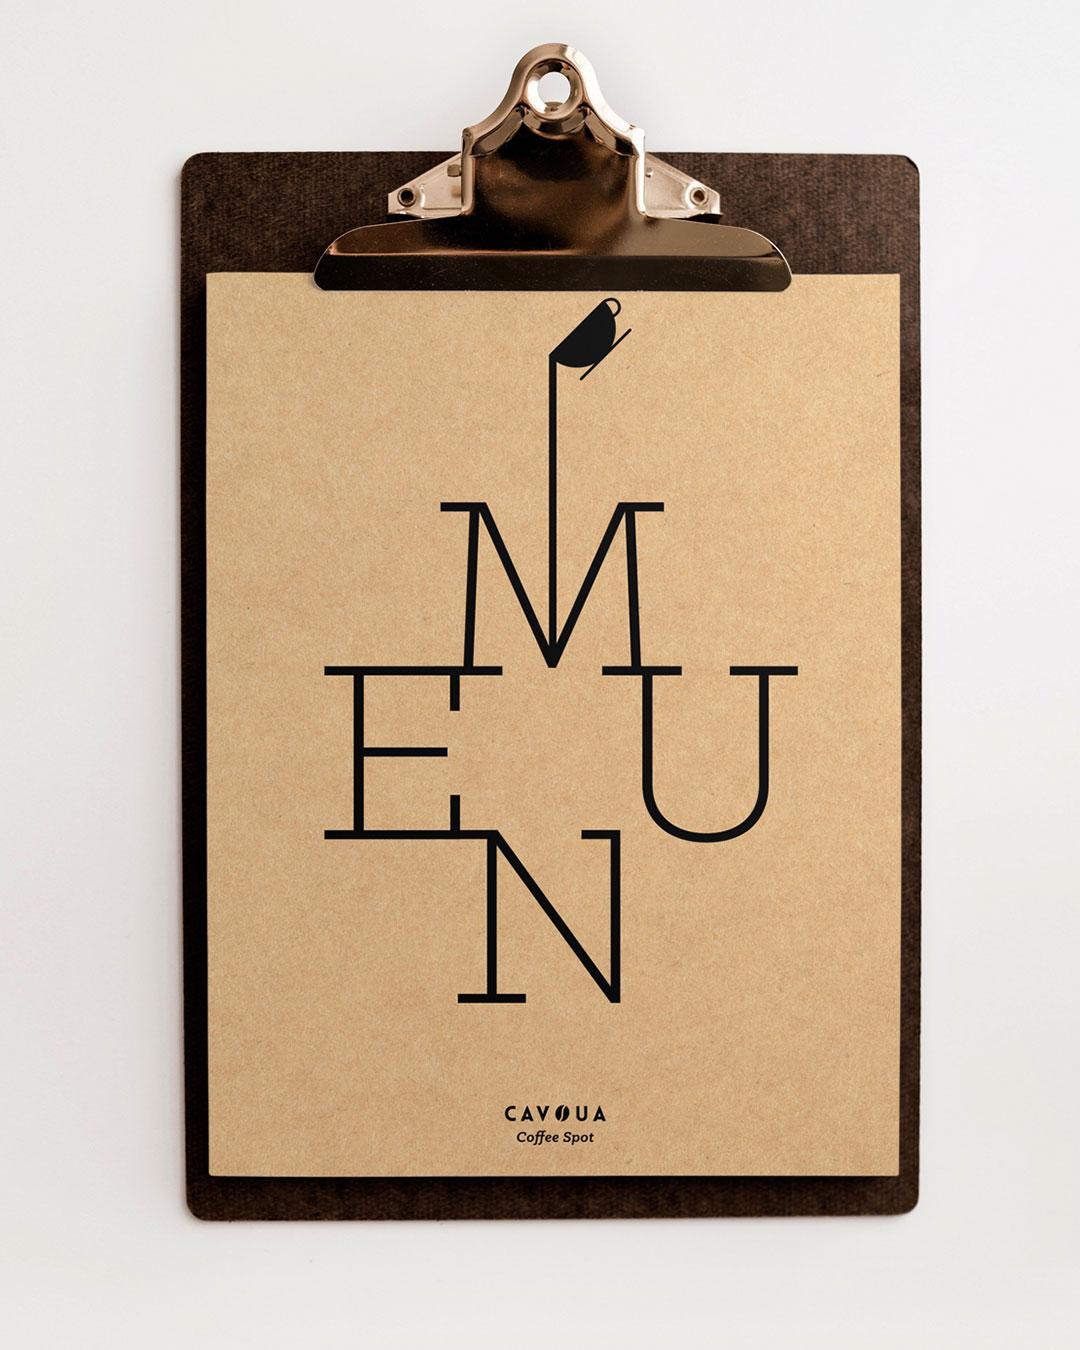 menu cavoua coffee shop